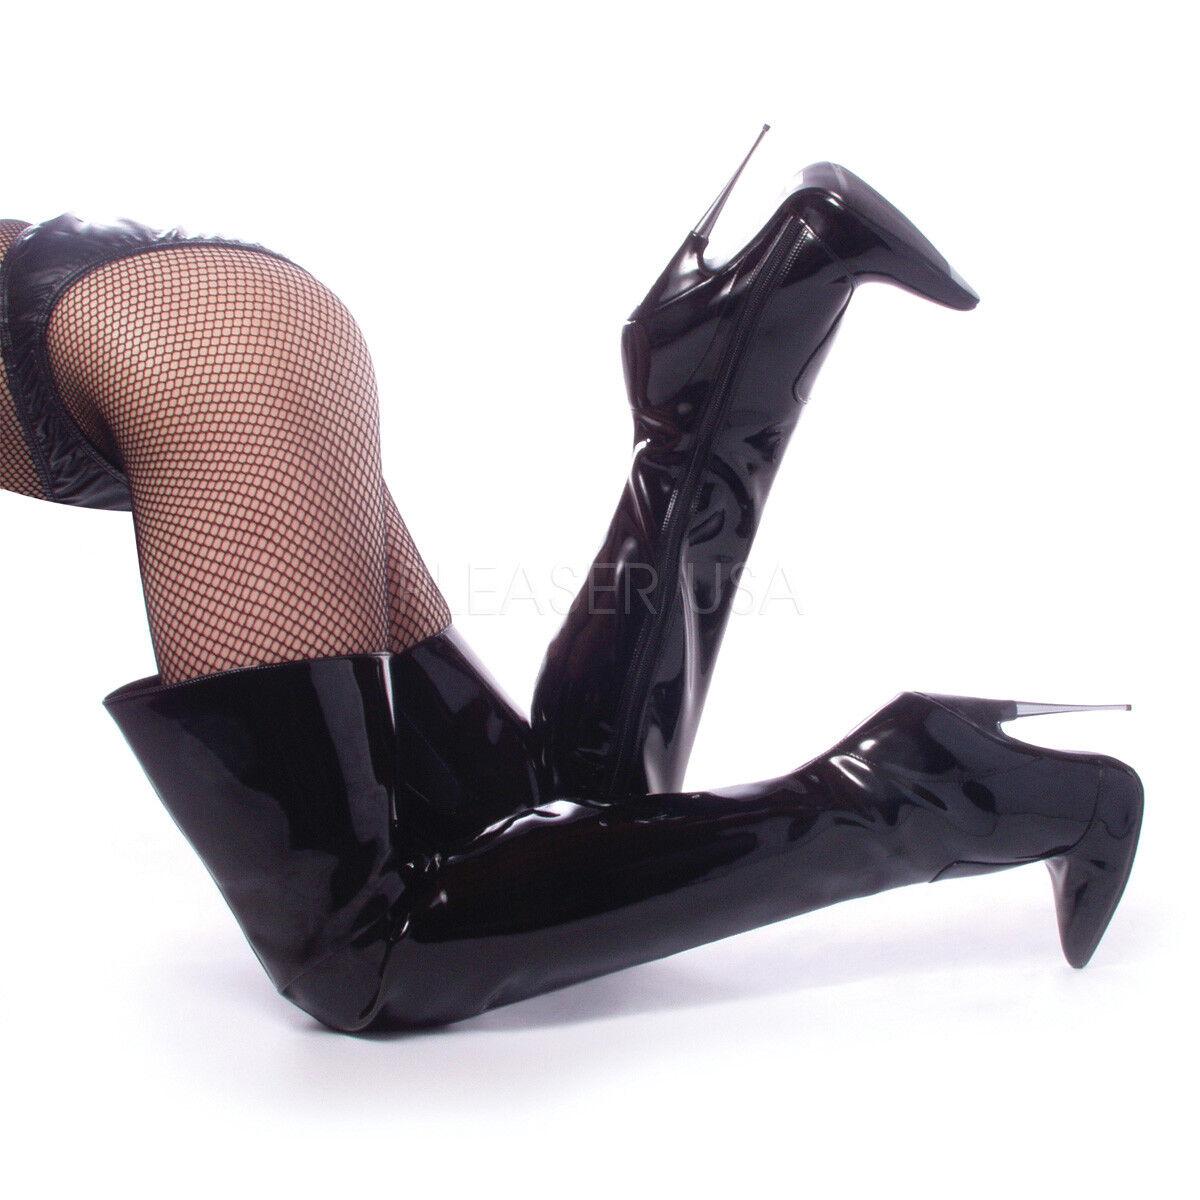 Devious Devious Devious Scream - 3010 Soles Único Para Mujer Negro Patente botas de alto del muslo  artículos novedosos